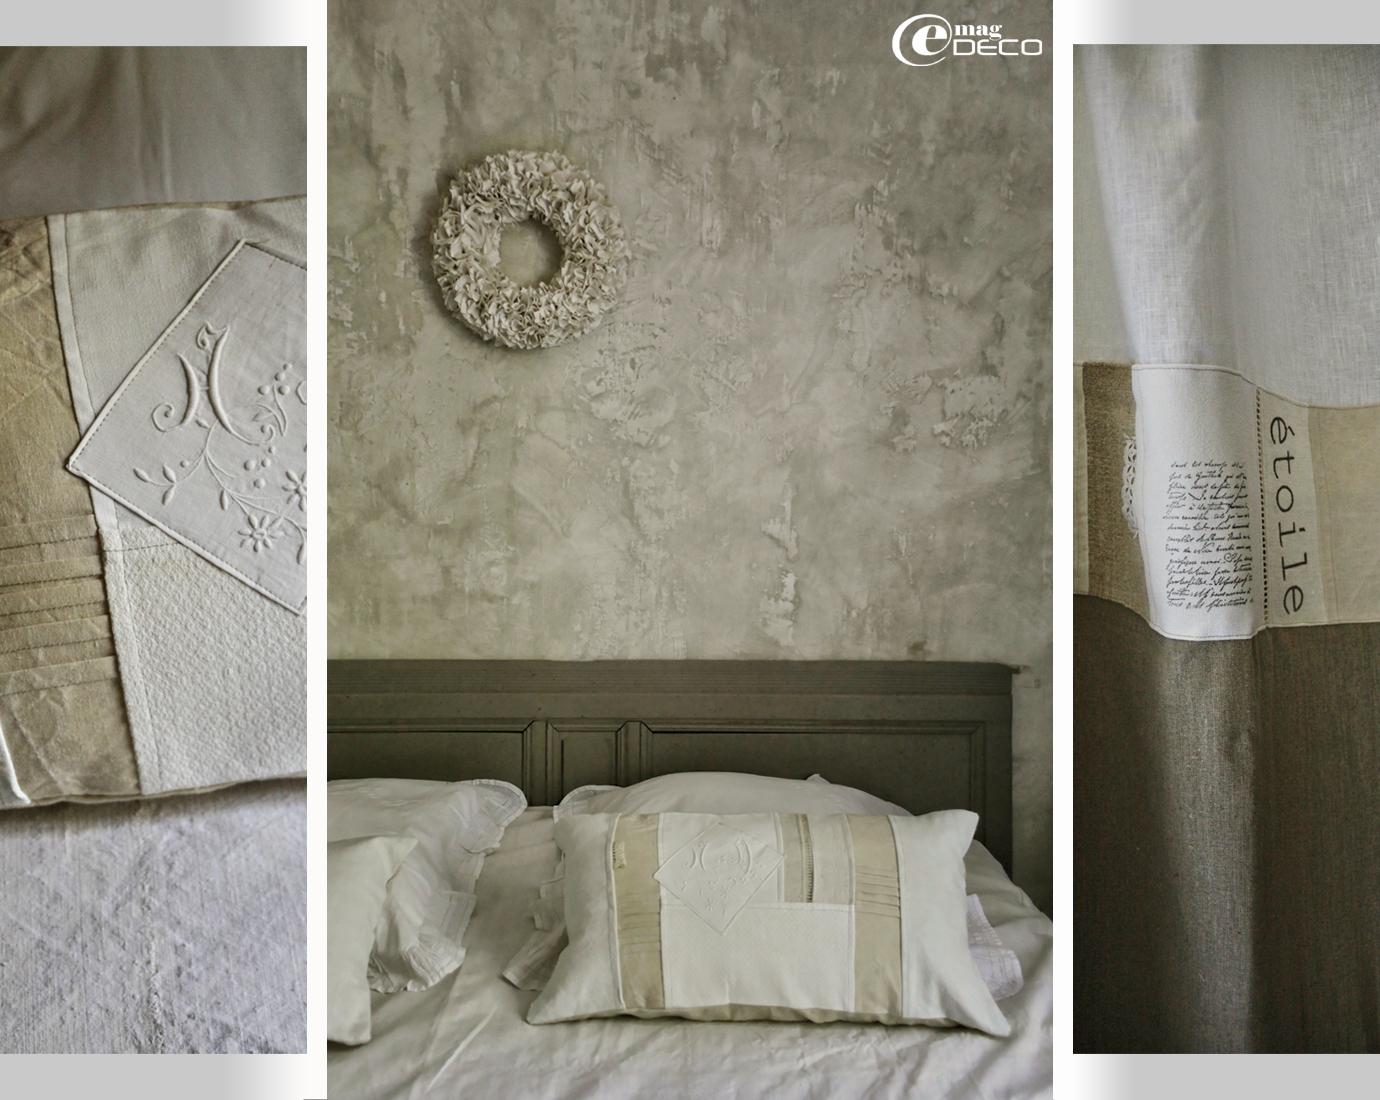 Créations de linge de maison d'Elsa Peyremorte pour Les toiles de l'une